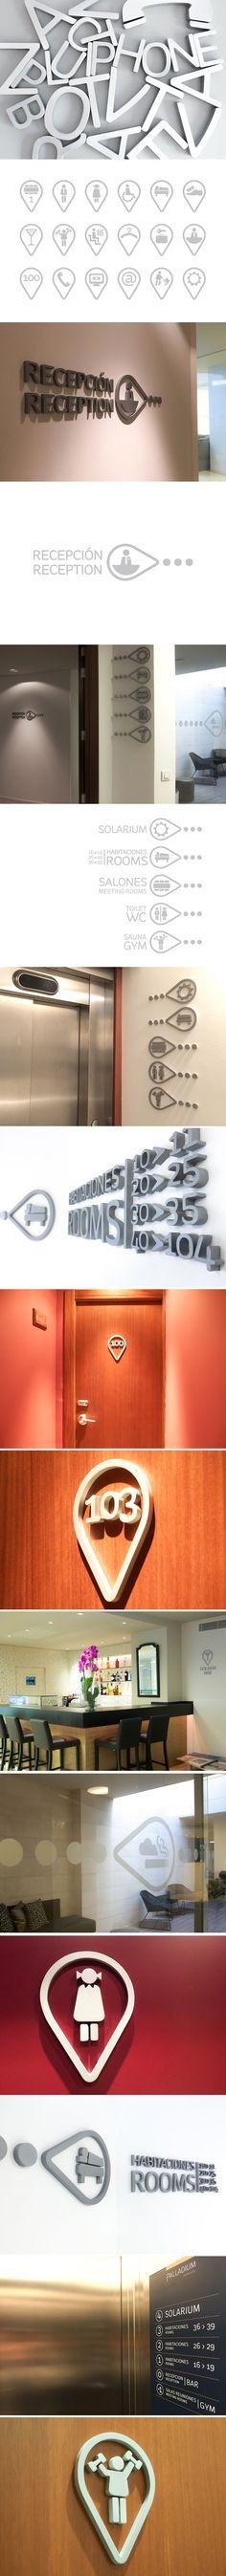 El Hotel Palladium es un hotel urbano situado en el centro de Palma que en los últimos años ha llevado a cabo una ambiciosa reforma para modernizar sus instalaciones y su imagen corporativa. Nuestra tarea ha consistido en el diseño y realización de aplicaciones gráficas y de la señalética interior. Para esta última hemos desarrollado un sistema gráfico en relieve que se integra, como un elemento más, en la decoración del hotel. @onaccent #signage #hotel #Mallorca #Design